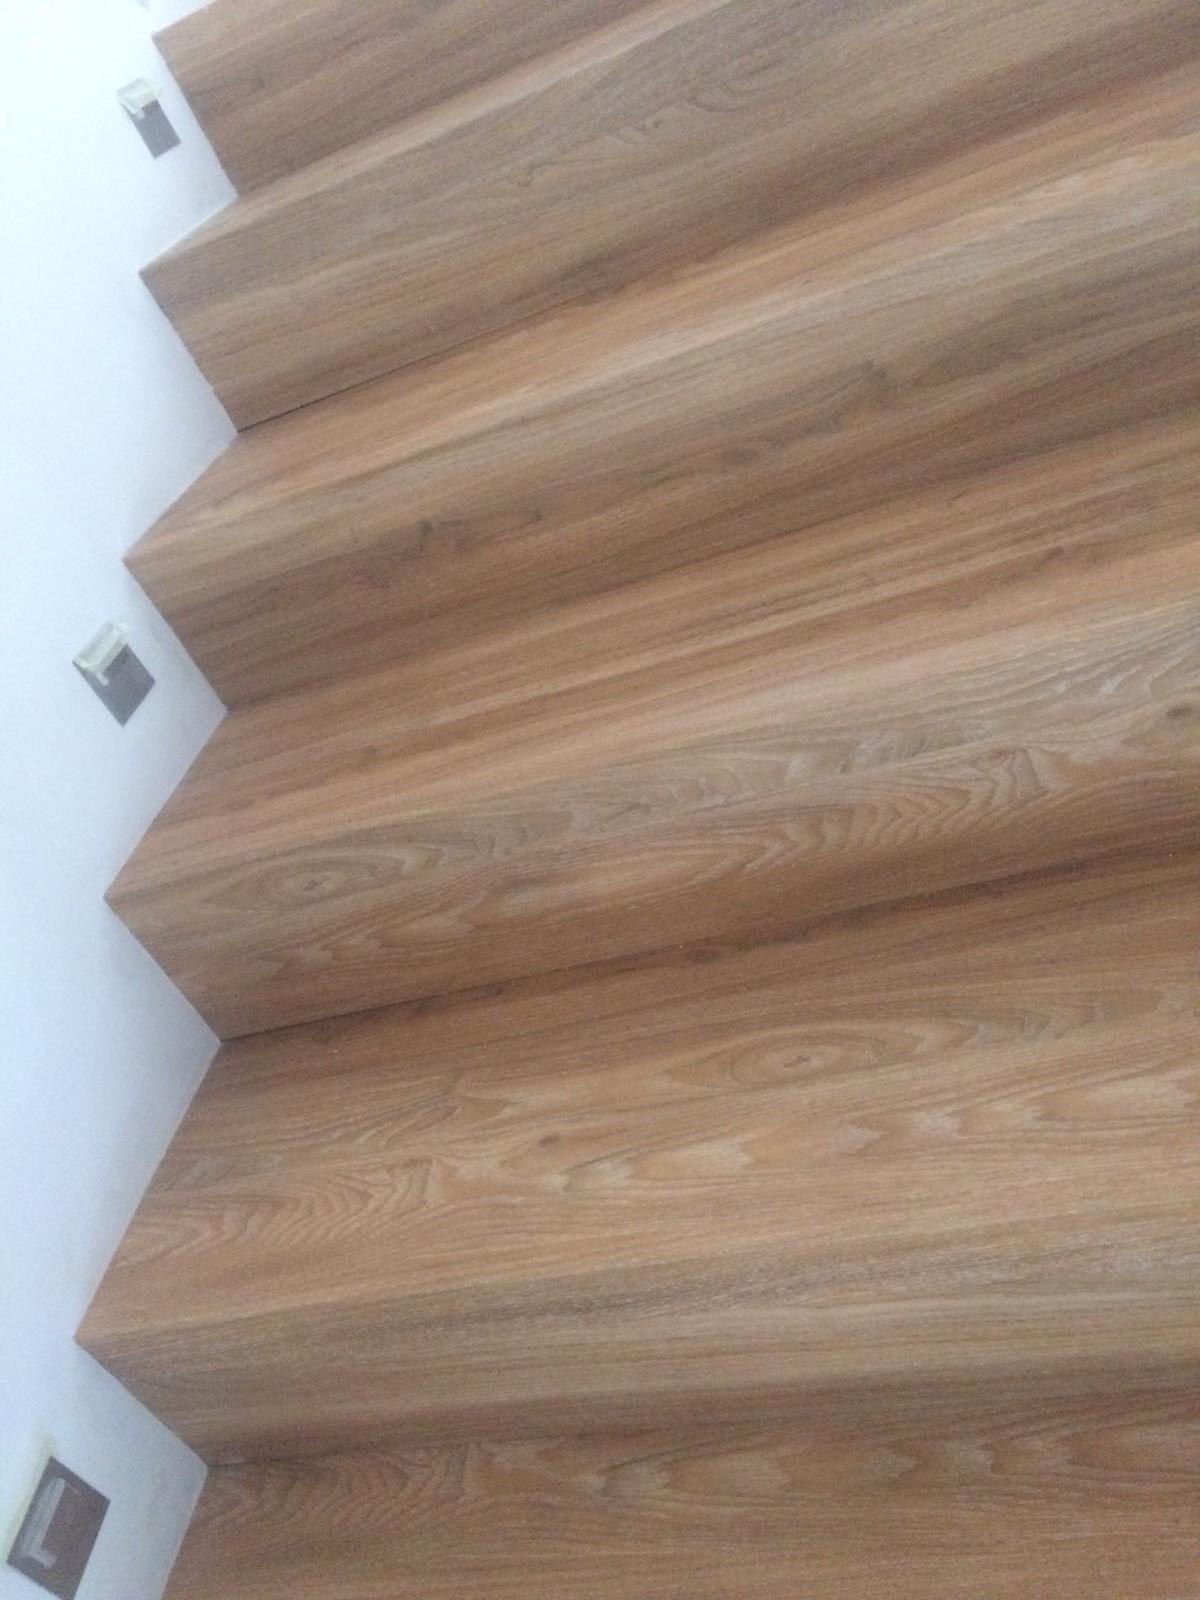 Schodiště i podlaha se stejným dekorem je vždycky nejlepší volba. Naši podlaháři řeší všechny detaily s precizností, aby byl celkový dojem dokonalý.